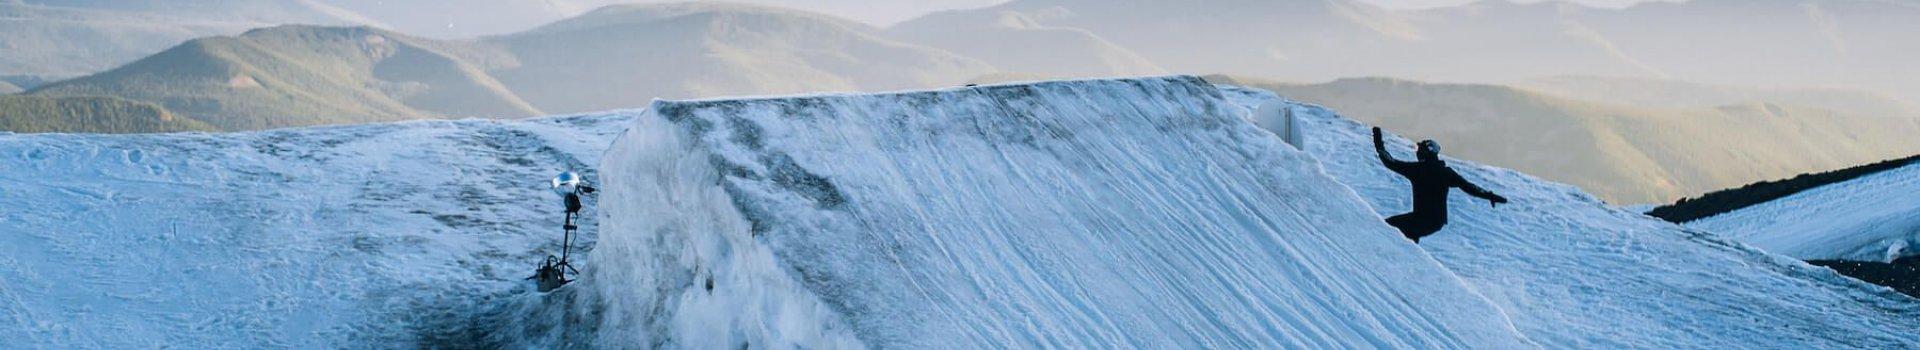 Spodenki ochronne na snowboard - jak dobrać ich rozmiar?